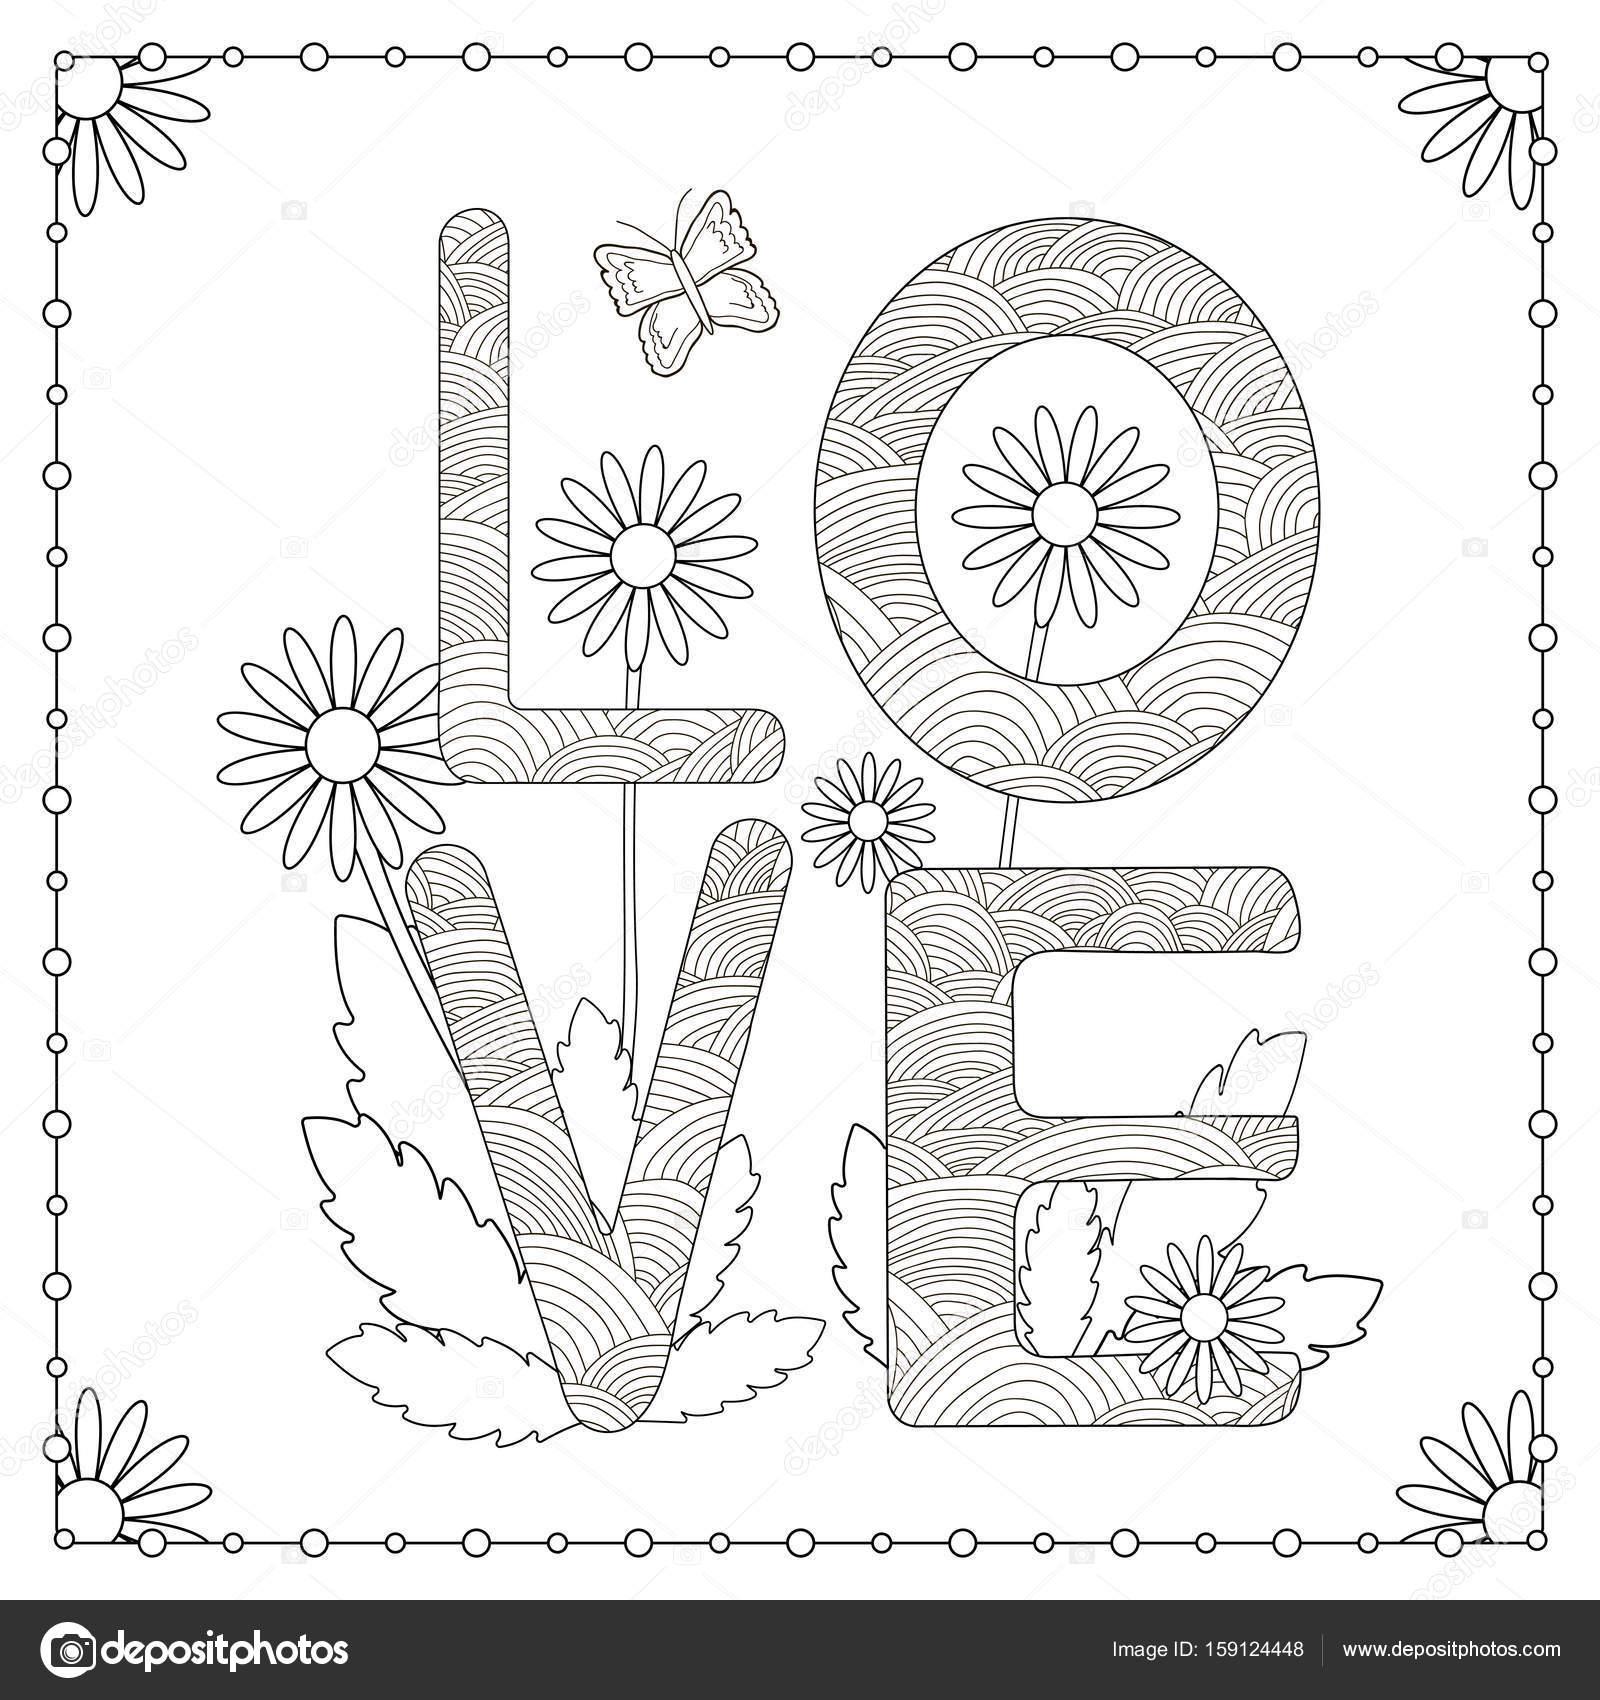 Malvorlagen. Wort-Liebe mit Blumen und Schmetterling — Stockvektor ...